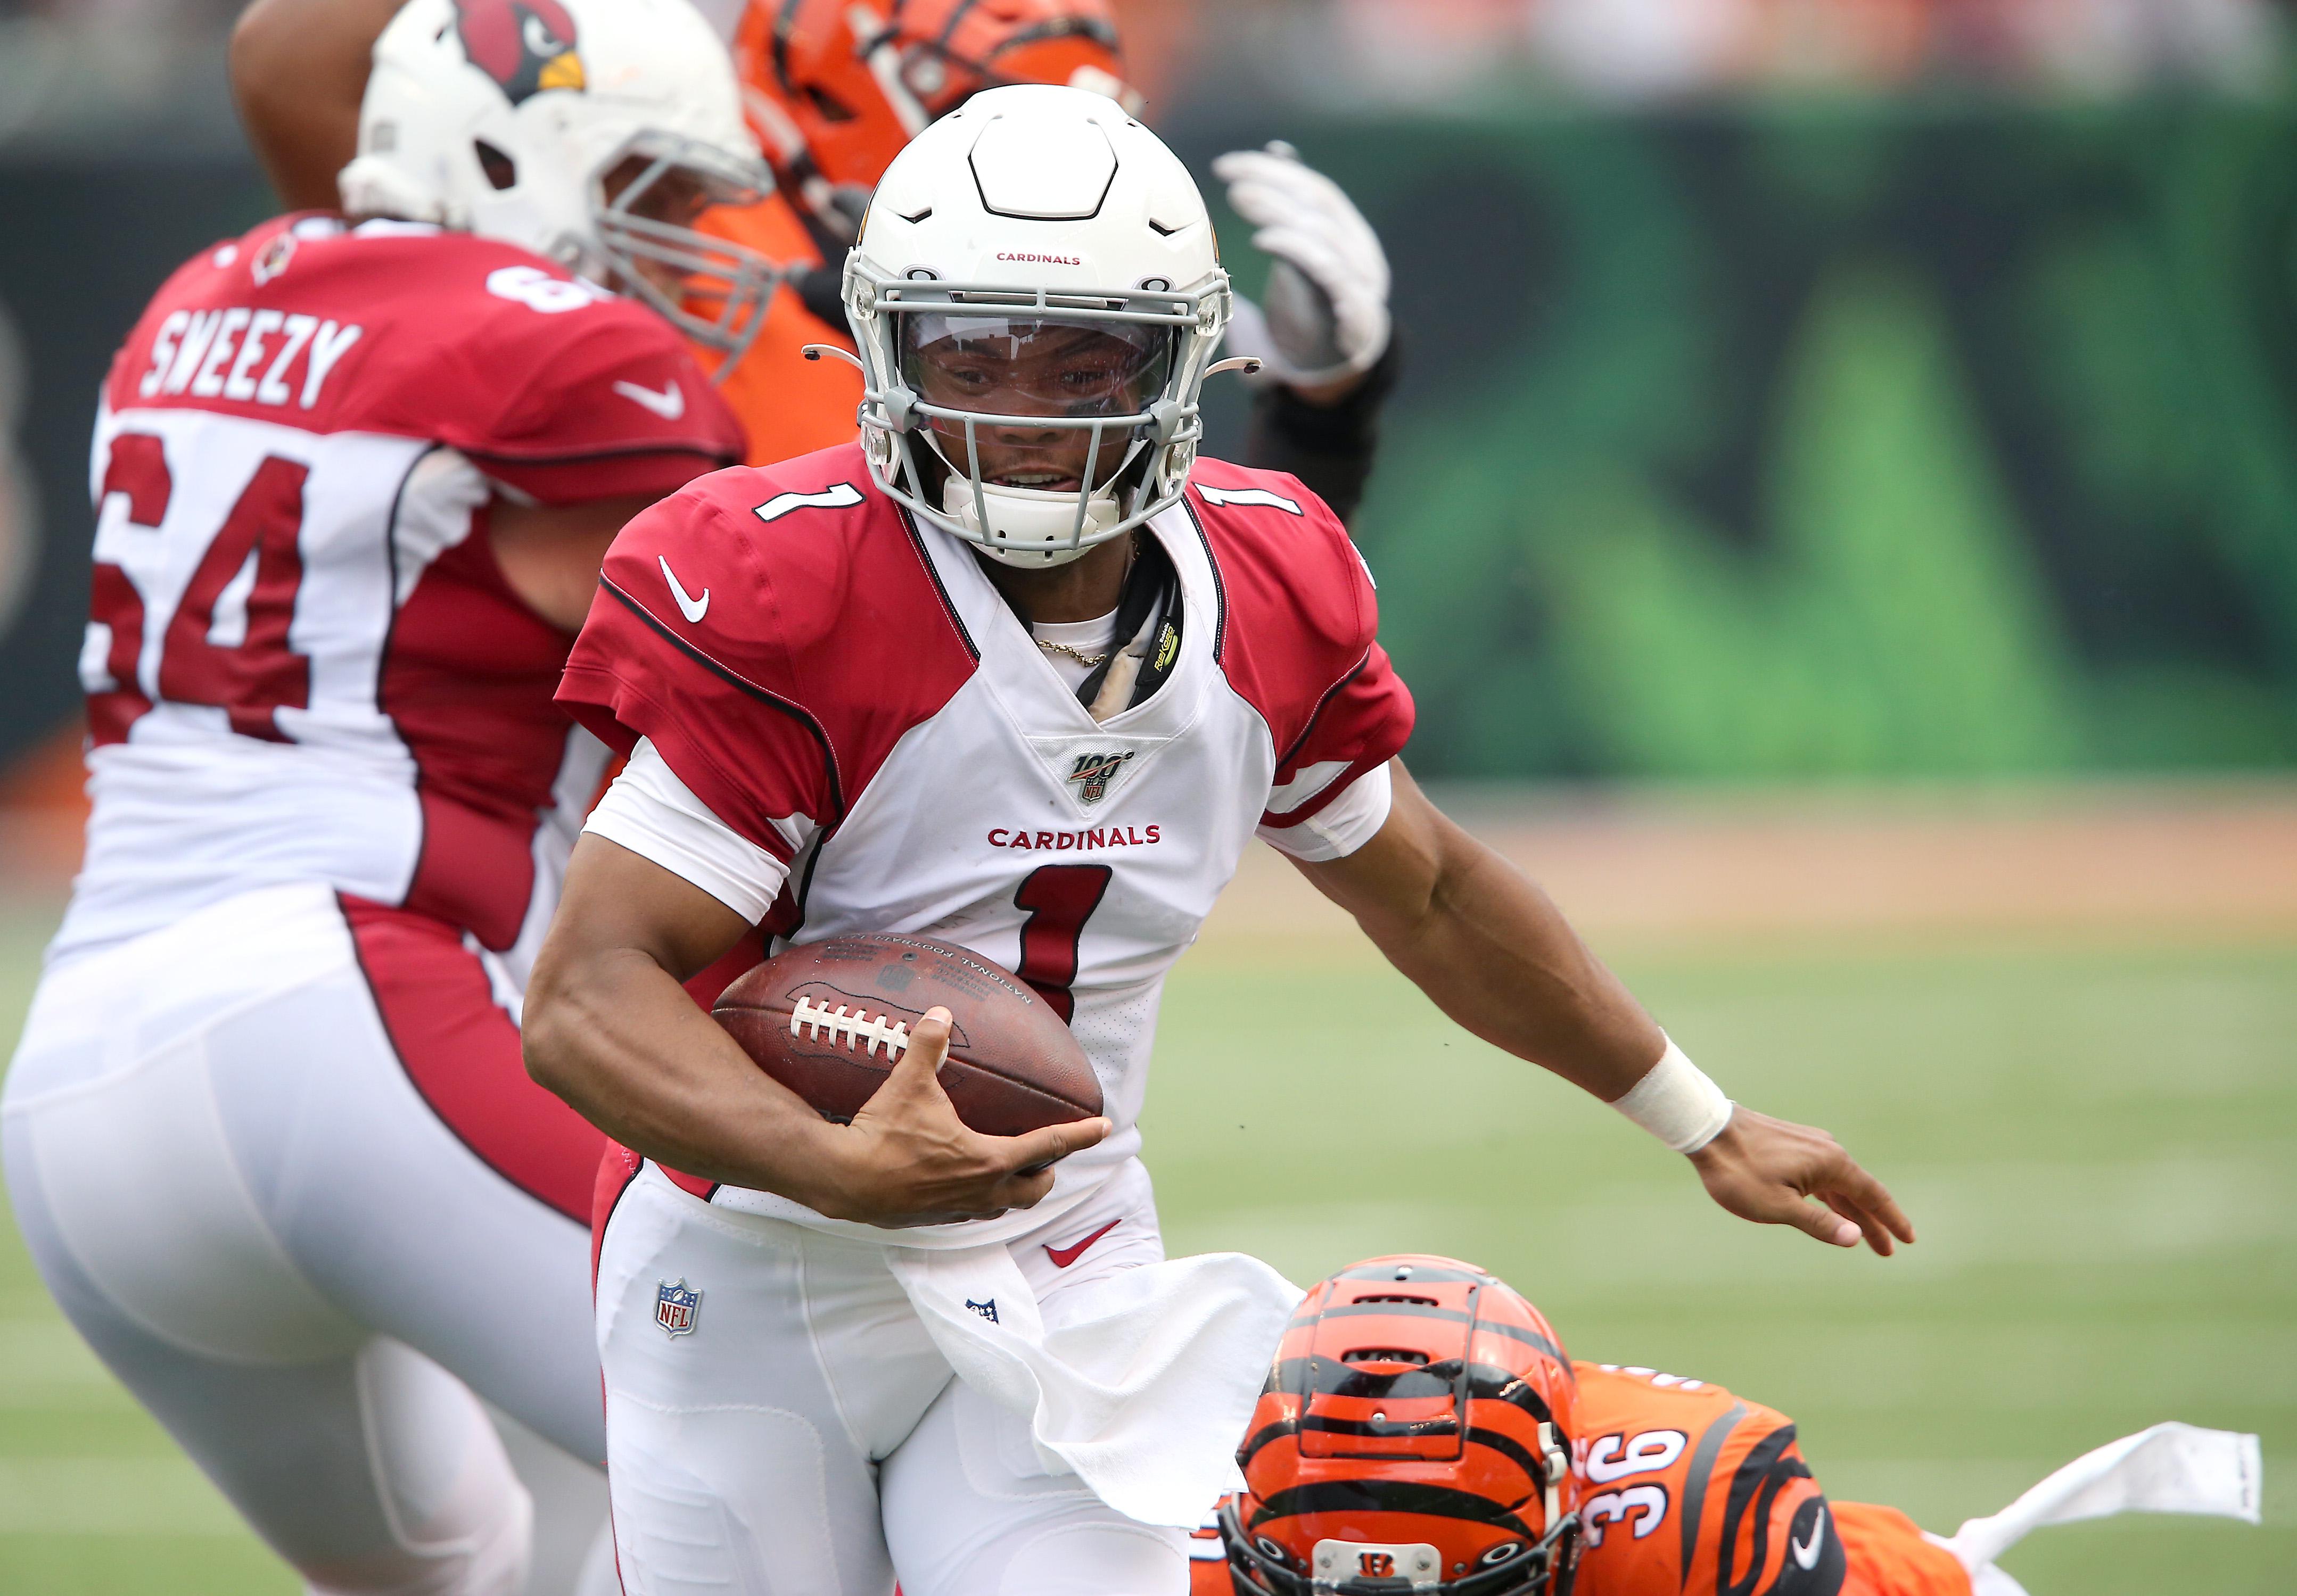 NFL: Arizona Cardinals at Cincinnati Bengals